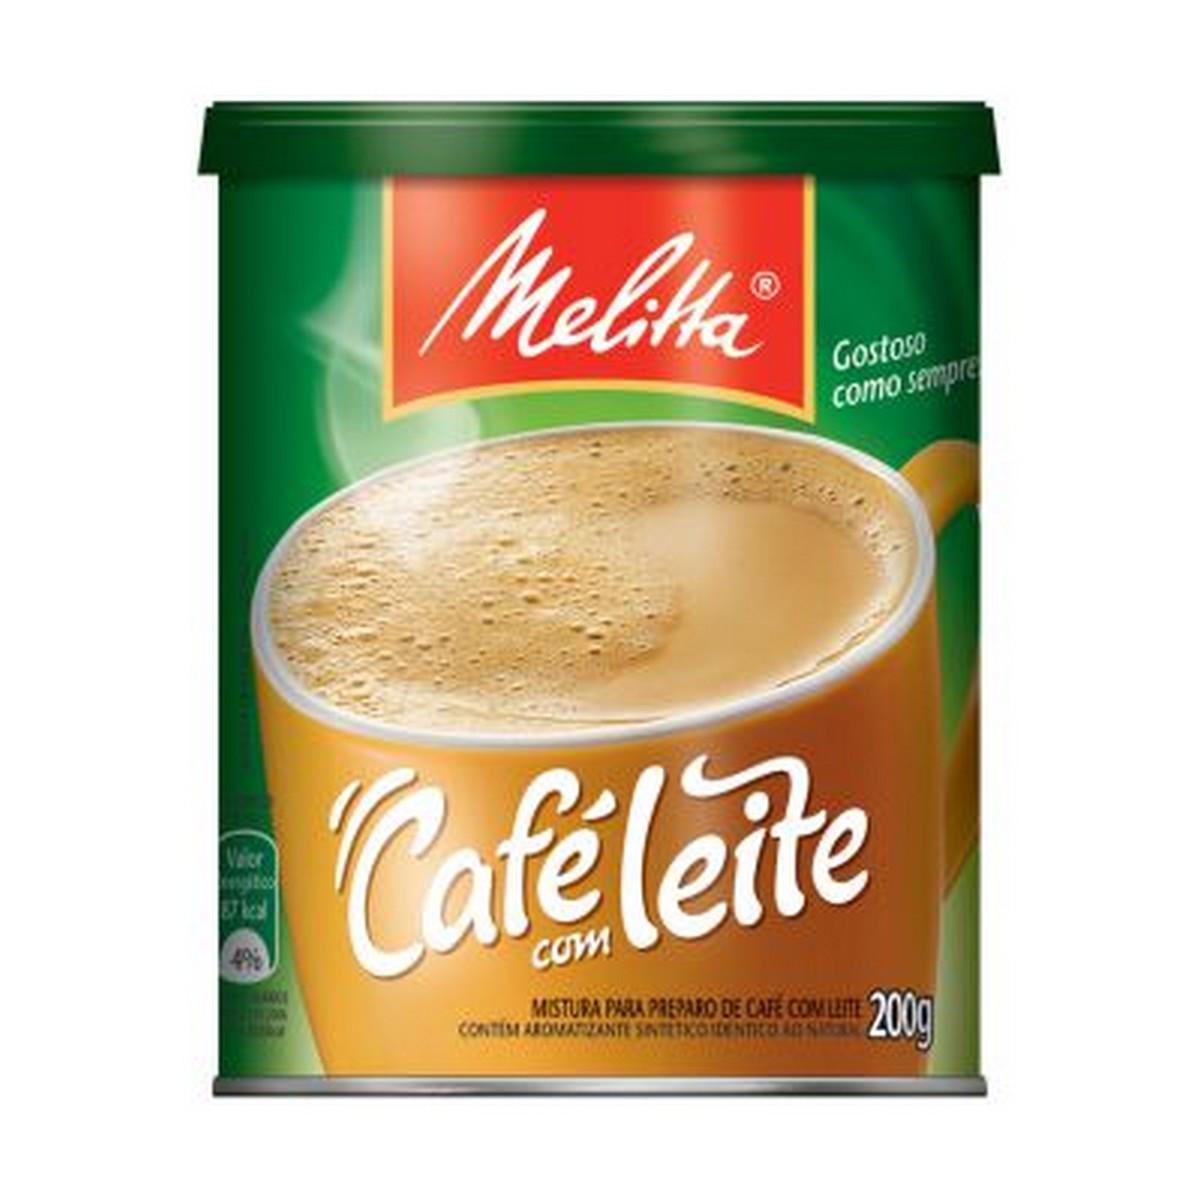 Distribuidora de cafe sp